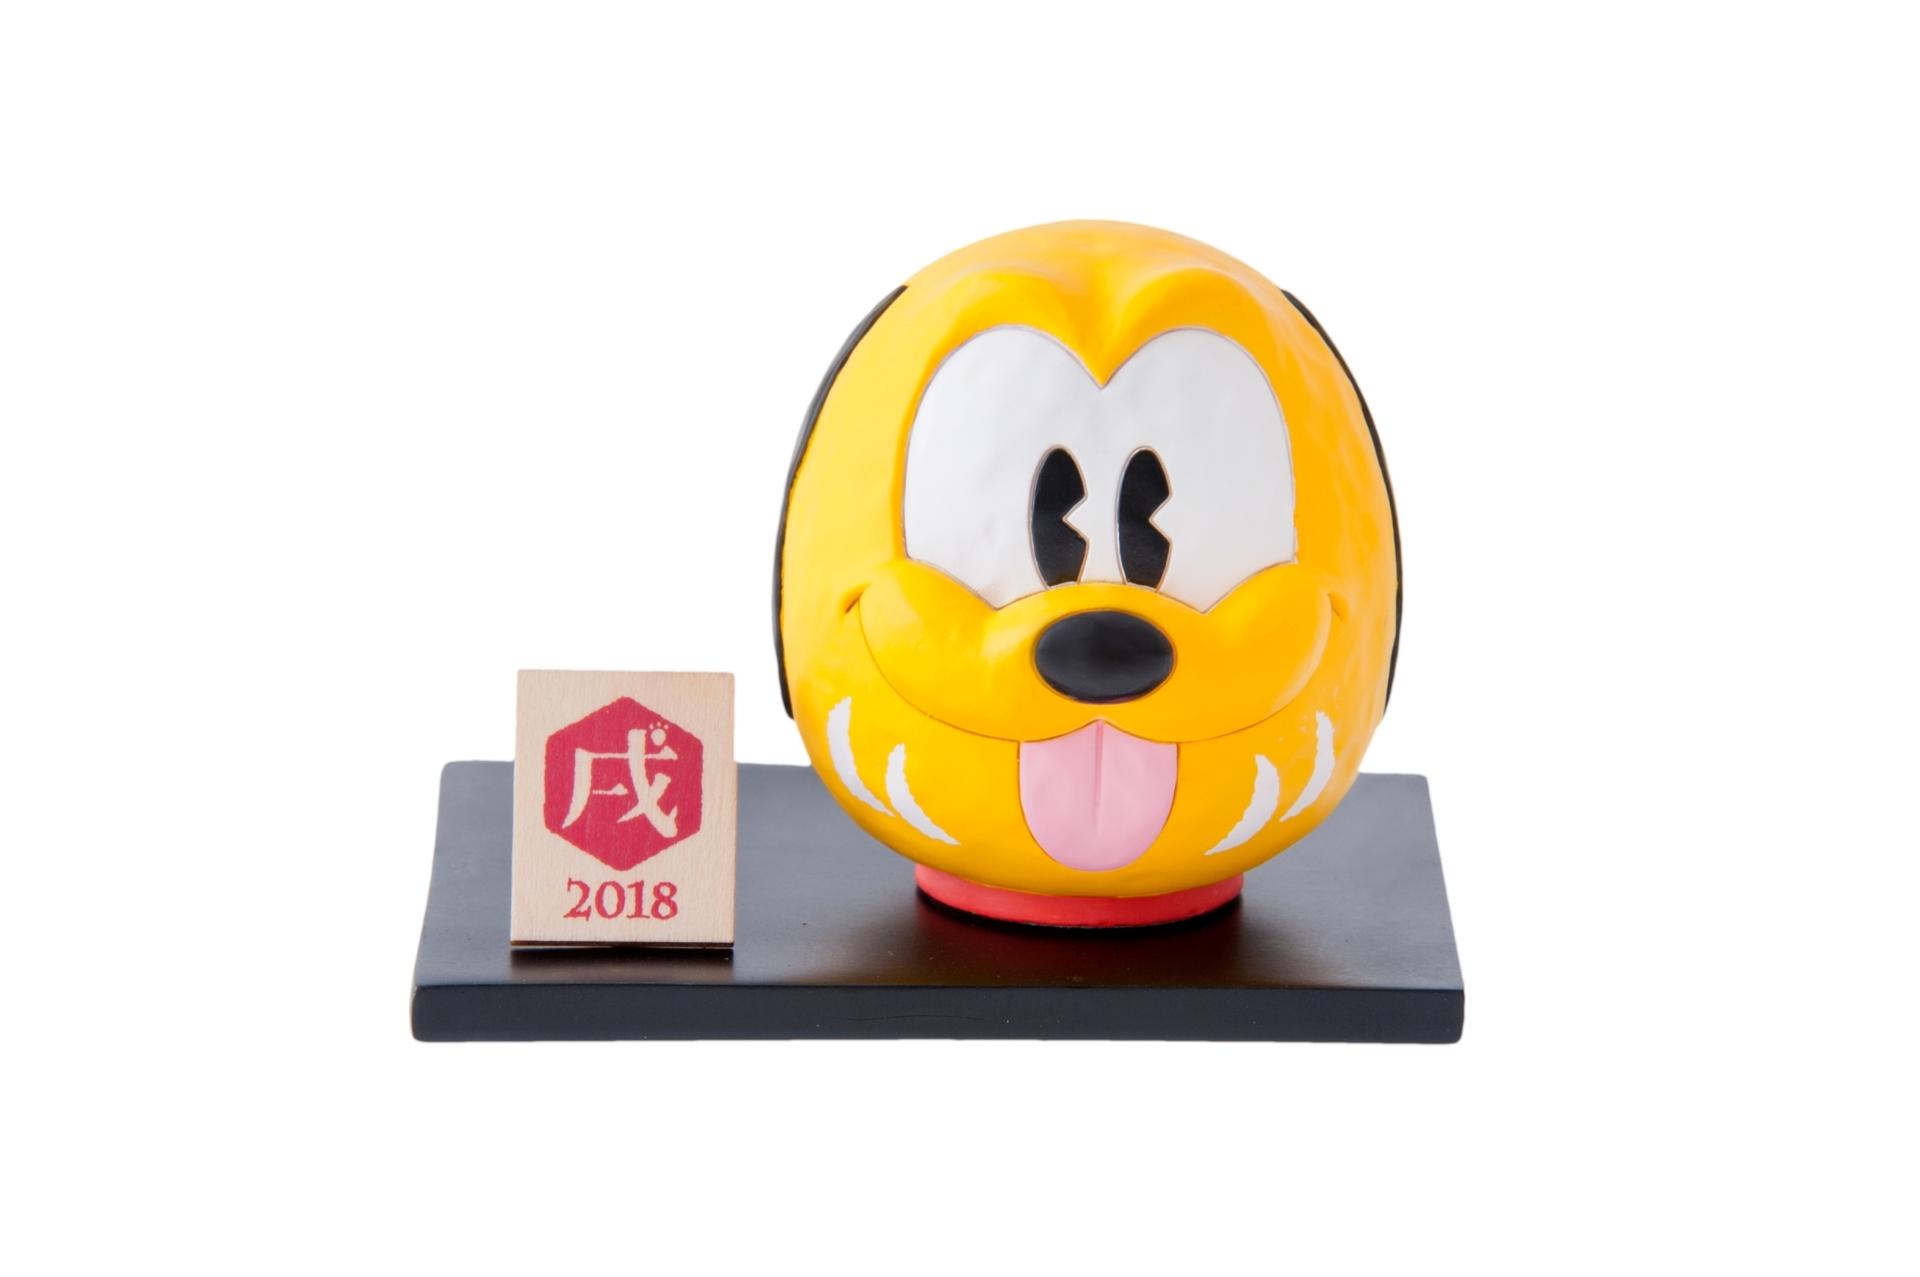 フィギュアリン 2,300 円 (C)Disney 東京ディズニーランド : グランドエンポーリアム(雑貨類)、ワールドバザール・コンフェクショナリー(食品類) 東京ディズニーシー : エンポーリオ(雑貨類)、ヴァレンティーナズ・スウィート(食品類)